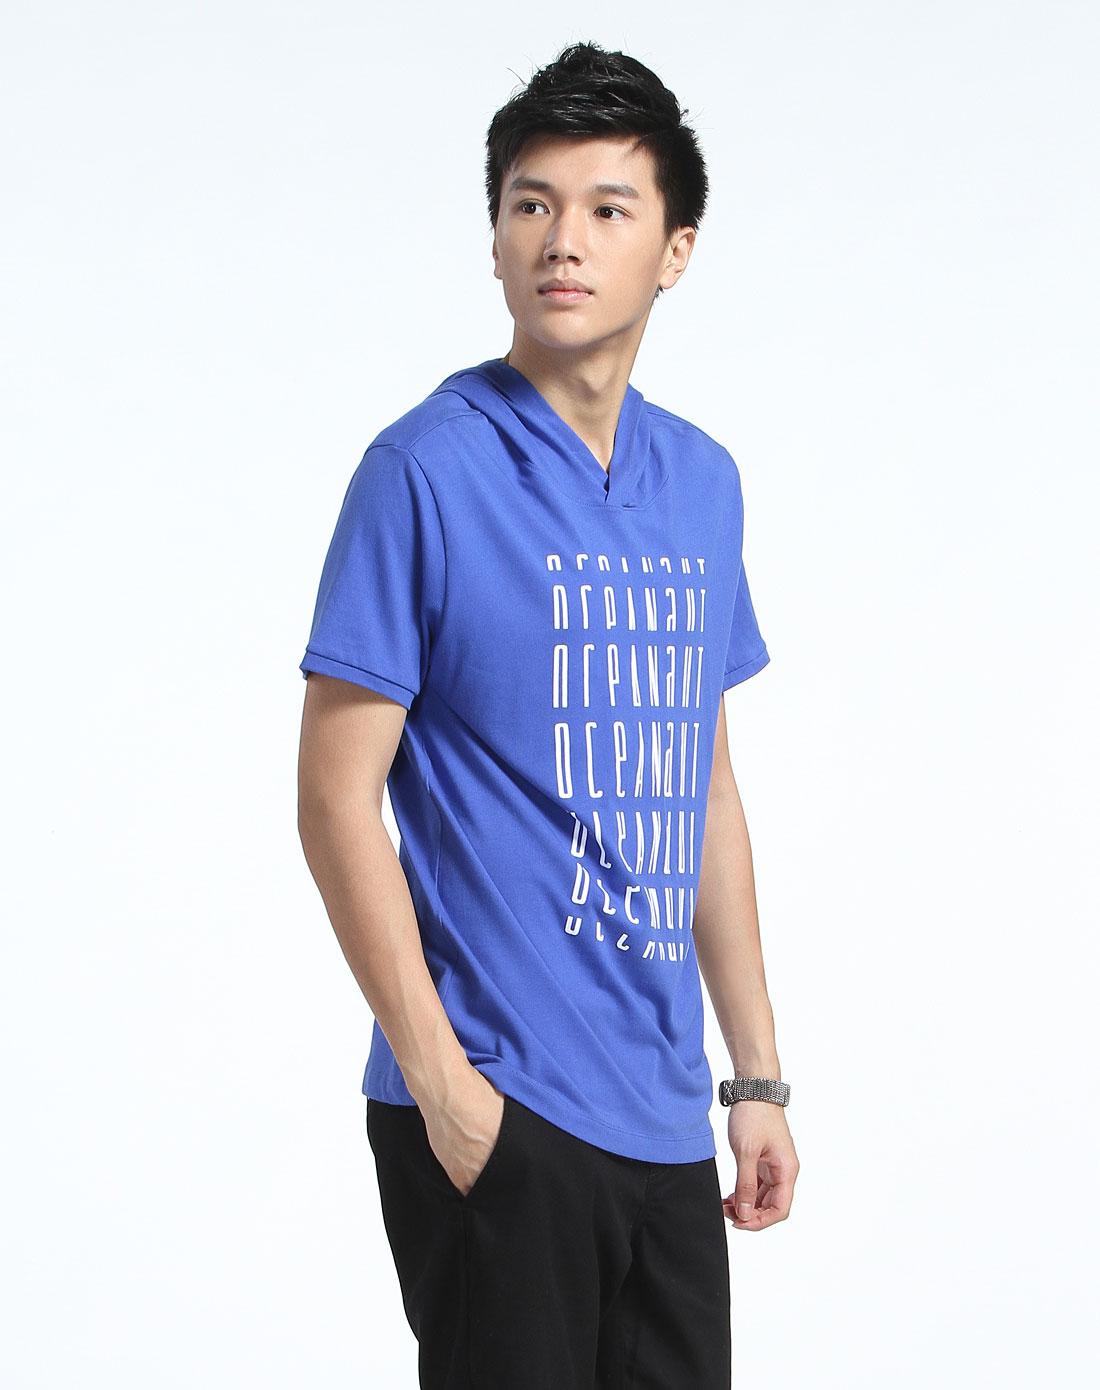 森马带帽植绒字宝蓝色短袖t恤10004212103-8420